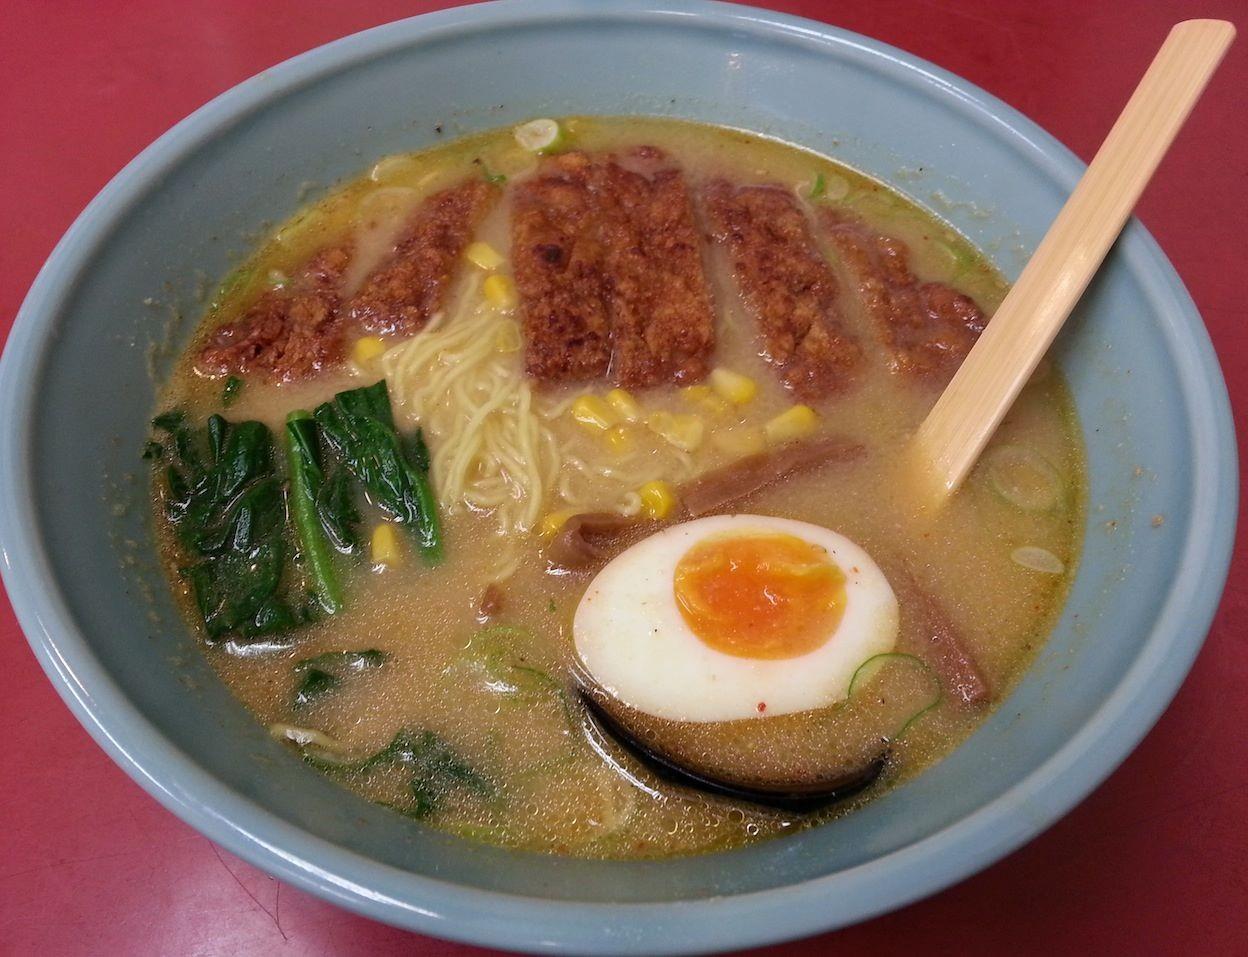 山水麺(パーコーメン)に味噌味があるなんて、知らなかったアルヨ。ポクは醤油味派アルヨ! 【2014年3月17日】